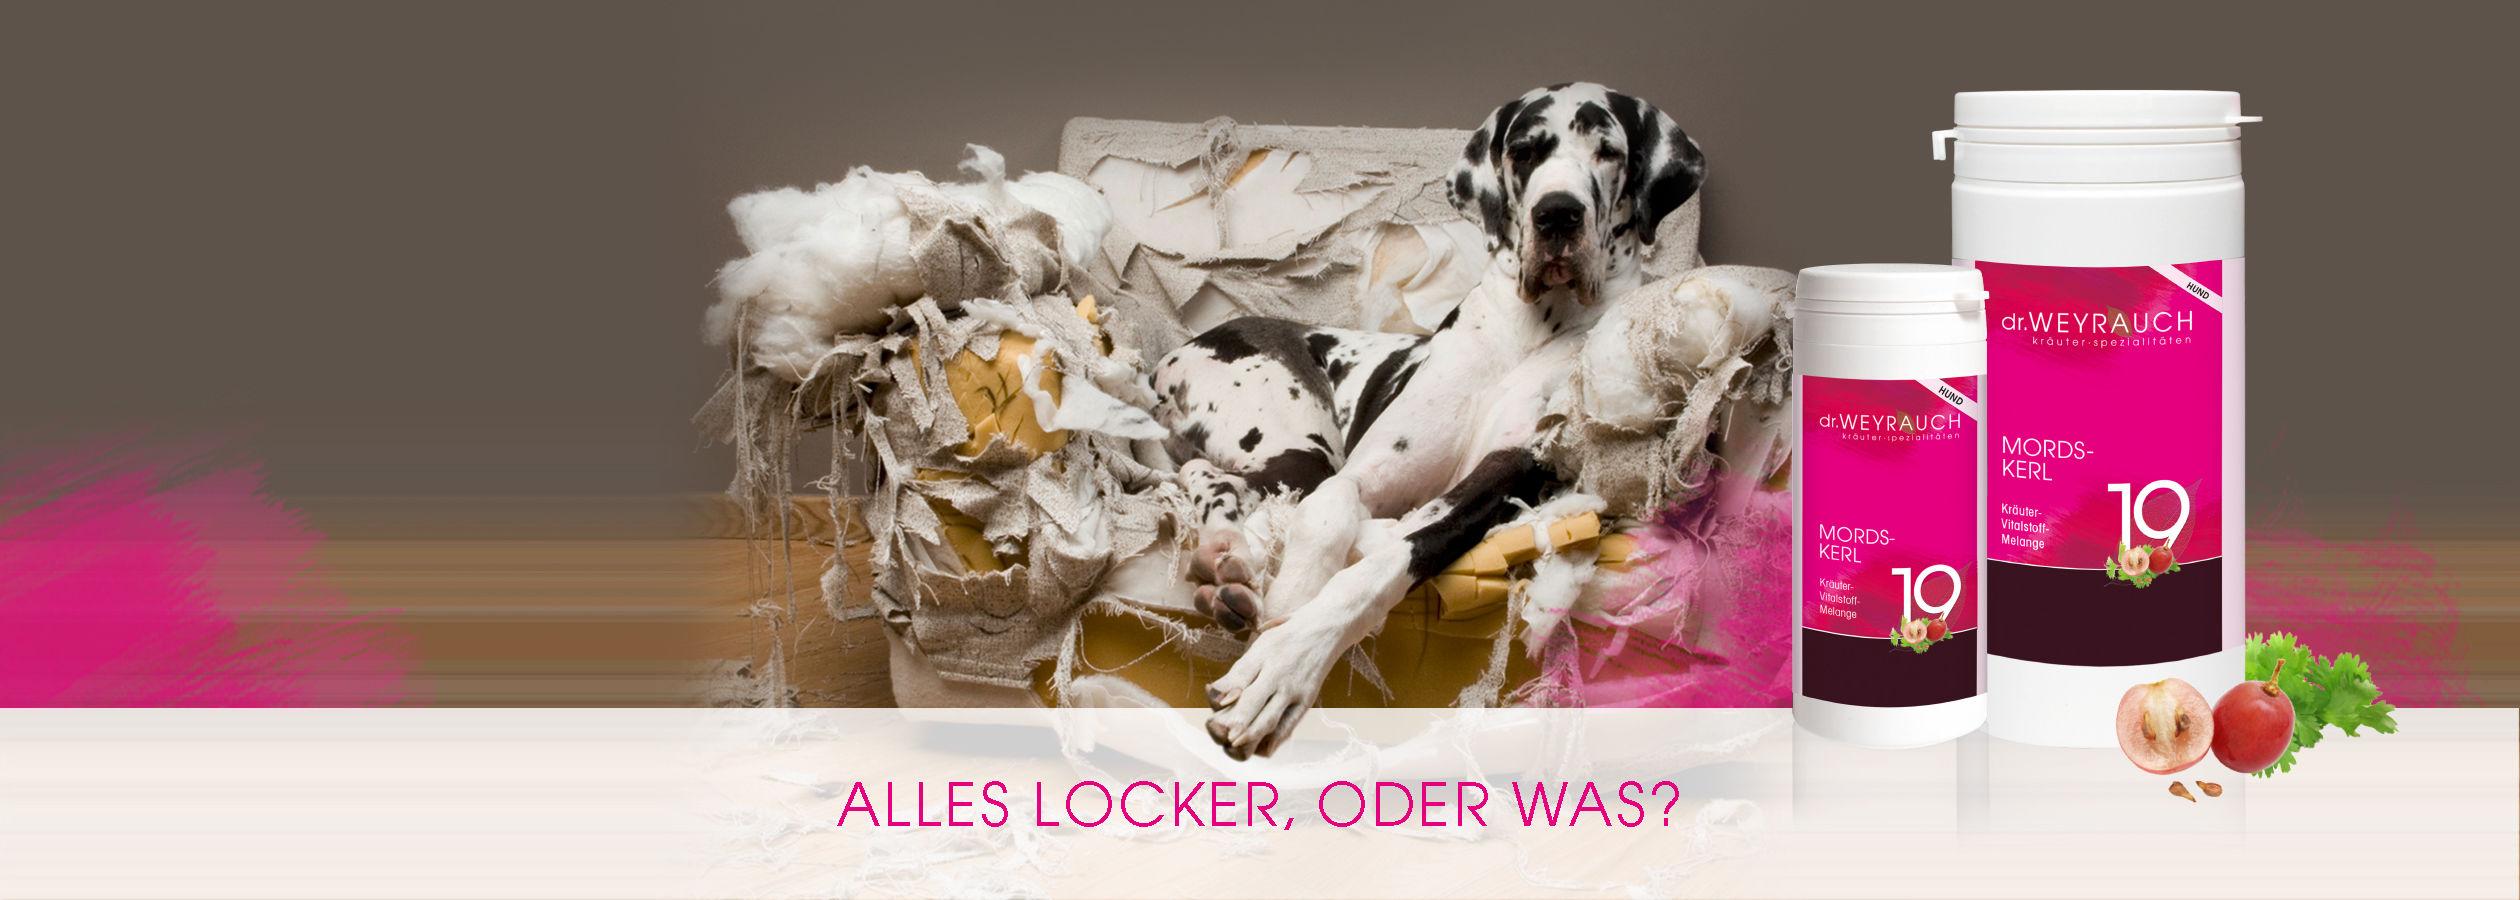 HEADER-2017-Mordskerl-Hund